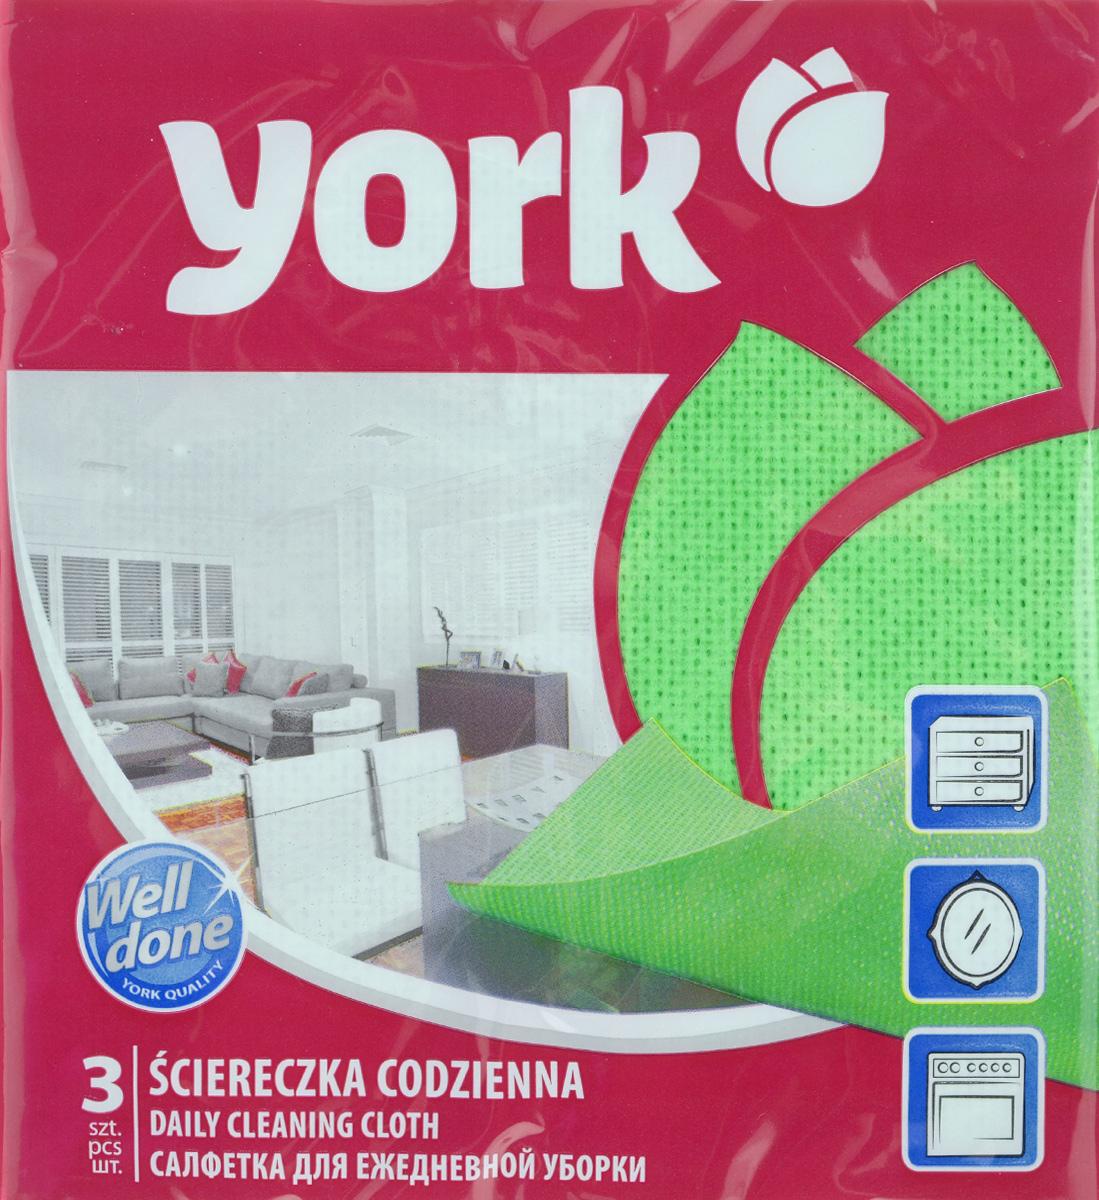 Салфетка перфорированная York, цвет: зеленый, 34 см х 35 см, 3 шт2003_зеленыйПерфорированная салфетка York предназначена для мытья, протирания и полировки. Салфетка выполнена из вискозы с добавлением полипропиленового волокна, отличается высокой прочностью. Благодаря перфорации хорошо поглощает влагу. Идеальна для ухода за столешницами на кухне. Может использоваться в сухом и влажном виде.